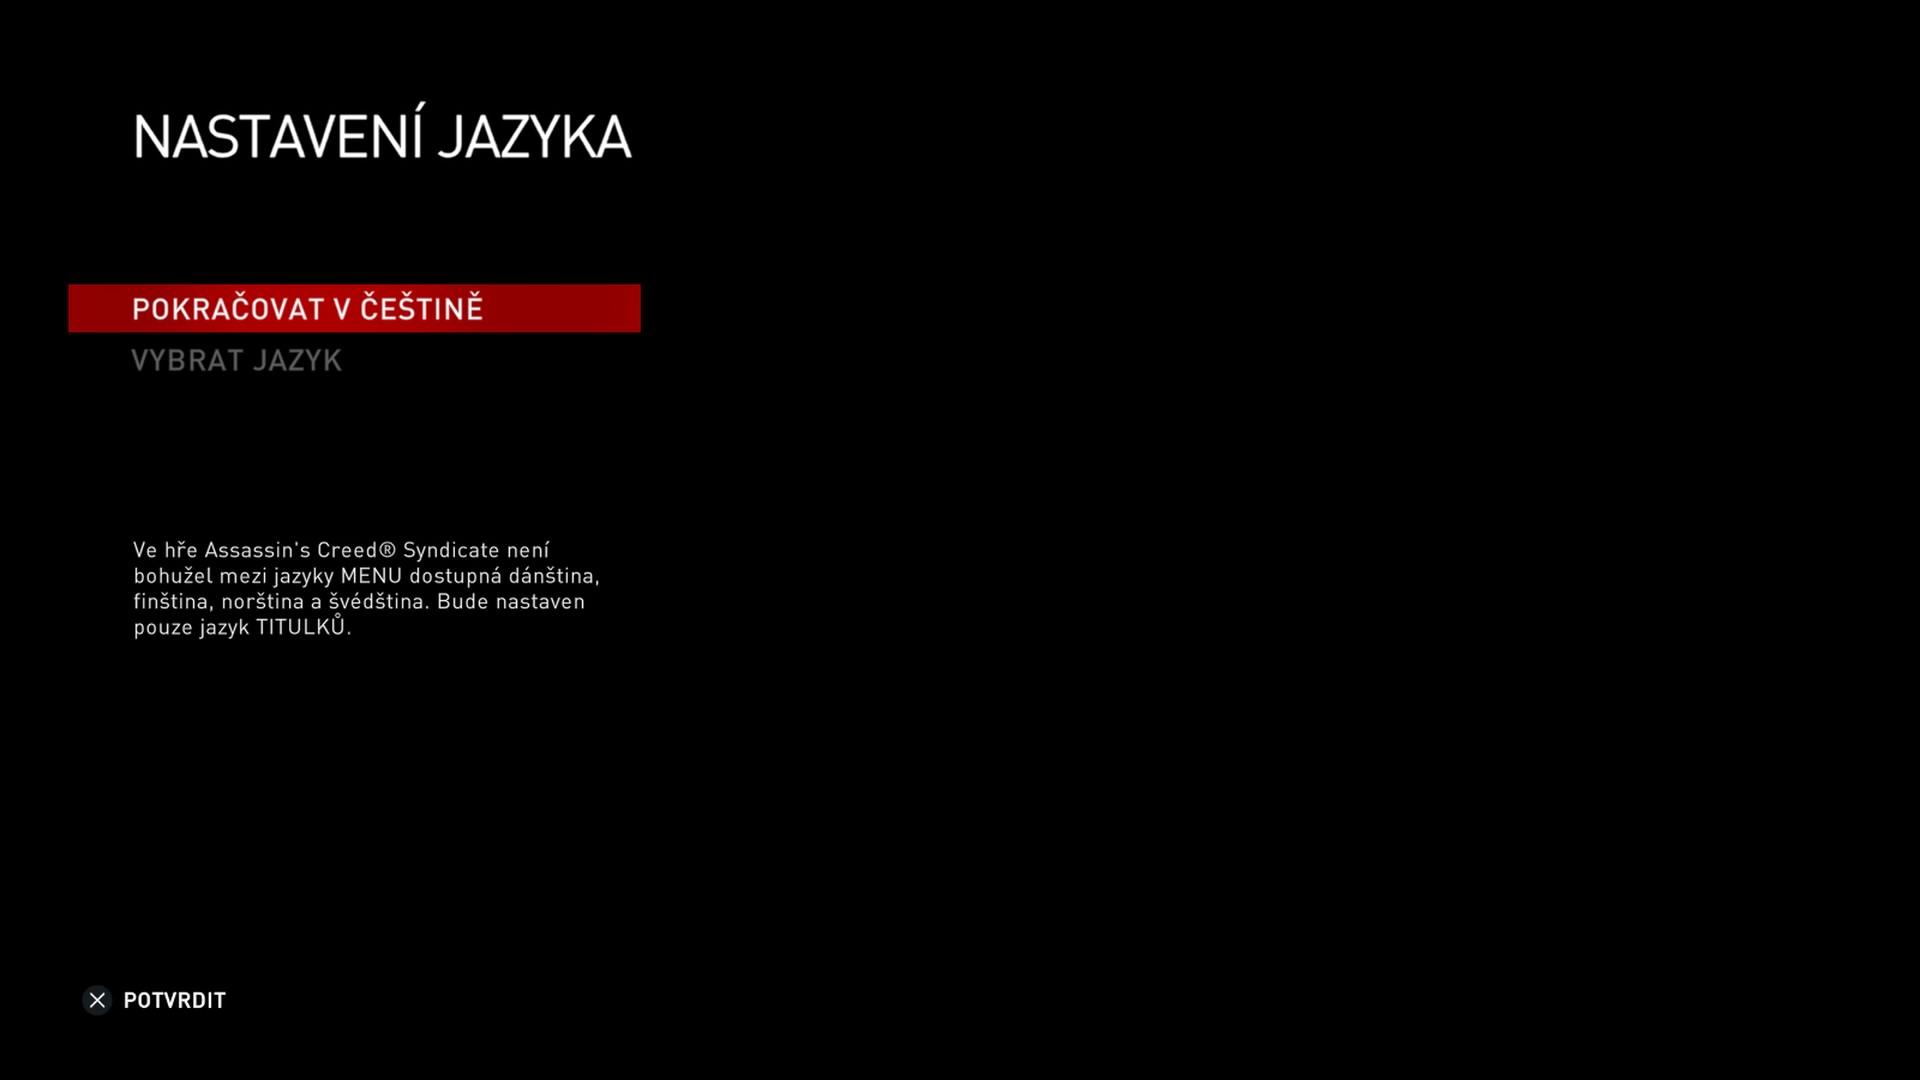 Čeština v Assassin's Creed: Syndicate je kompletní 115327